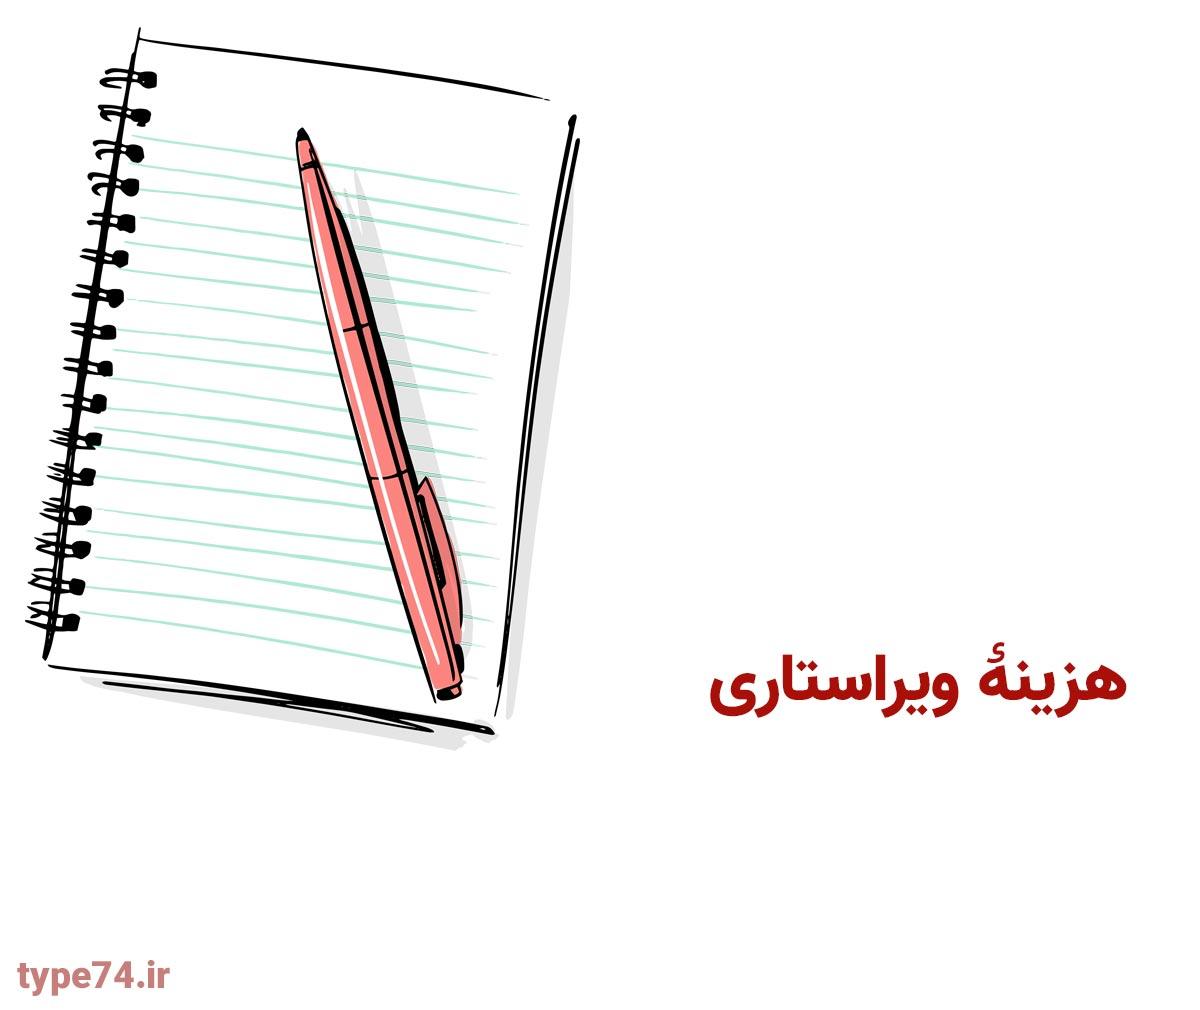 هزینه ویراستاری فارسی